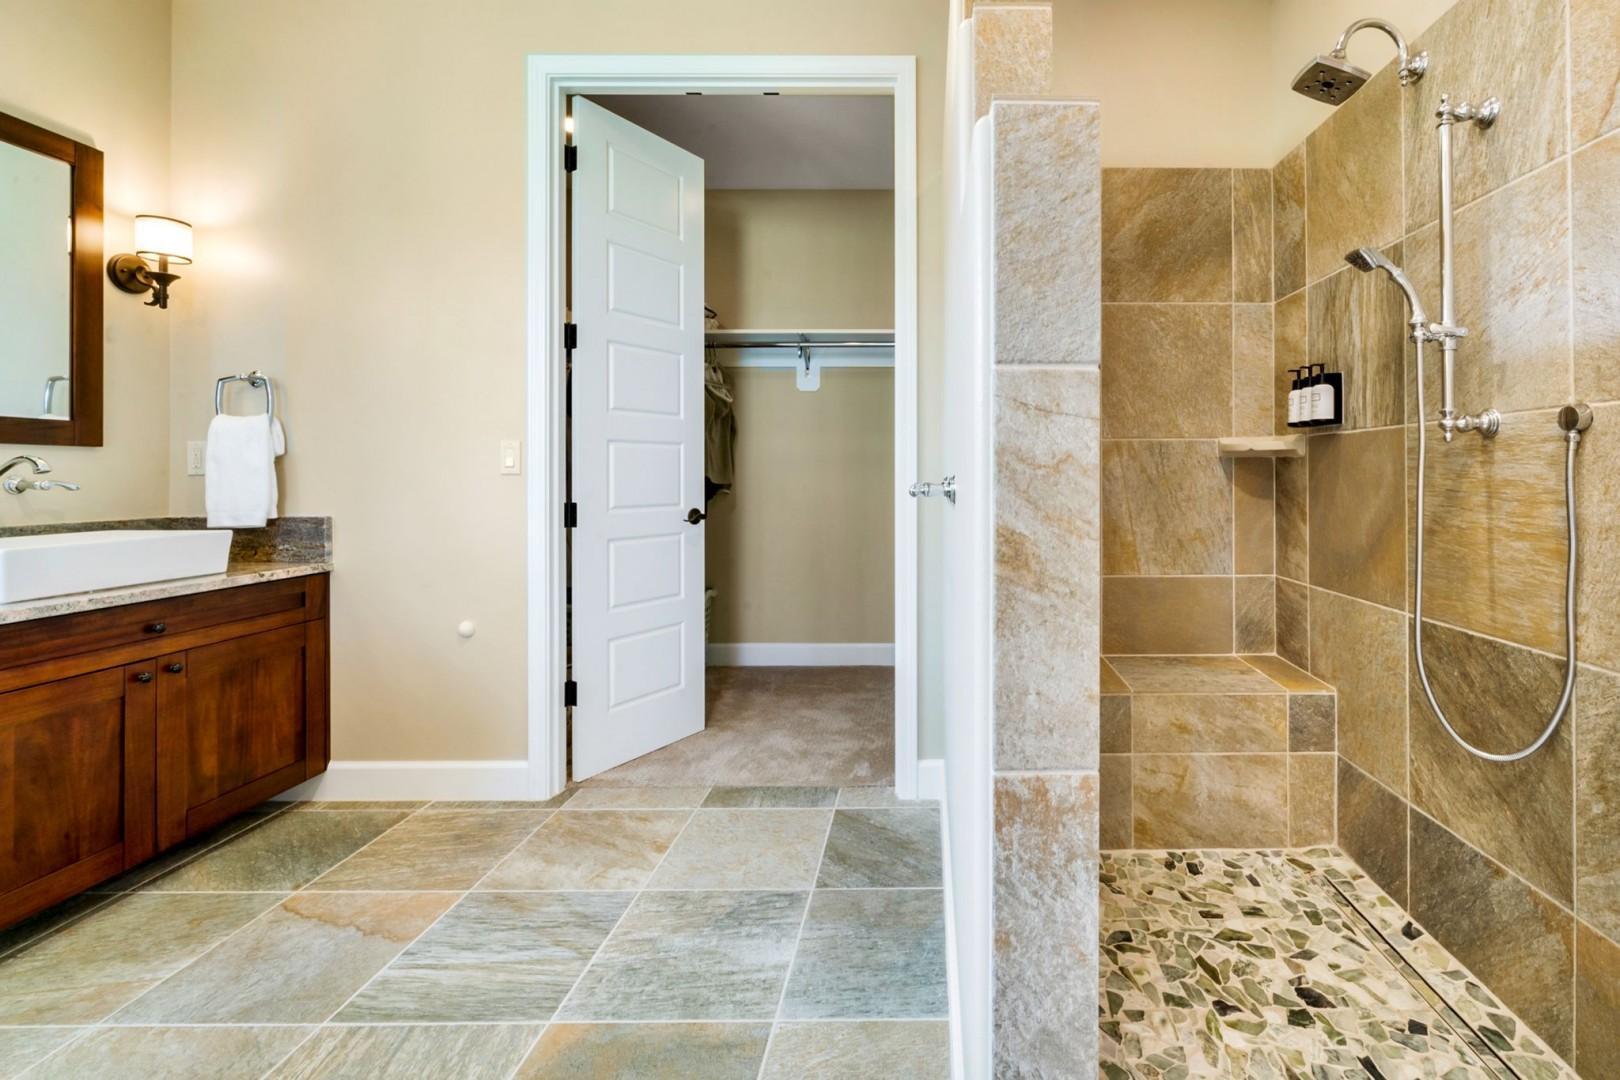 Tiled walk in shower